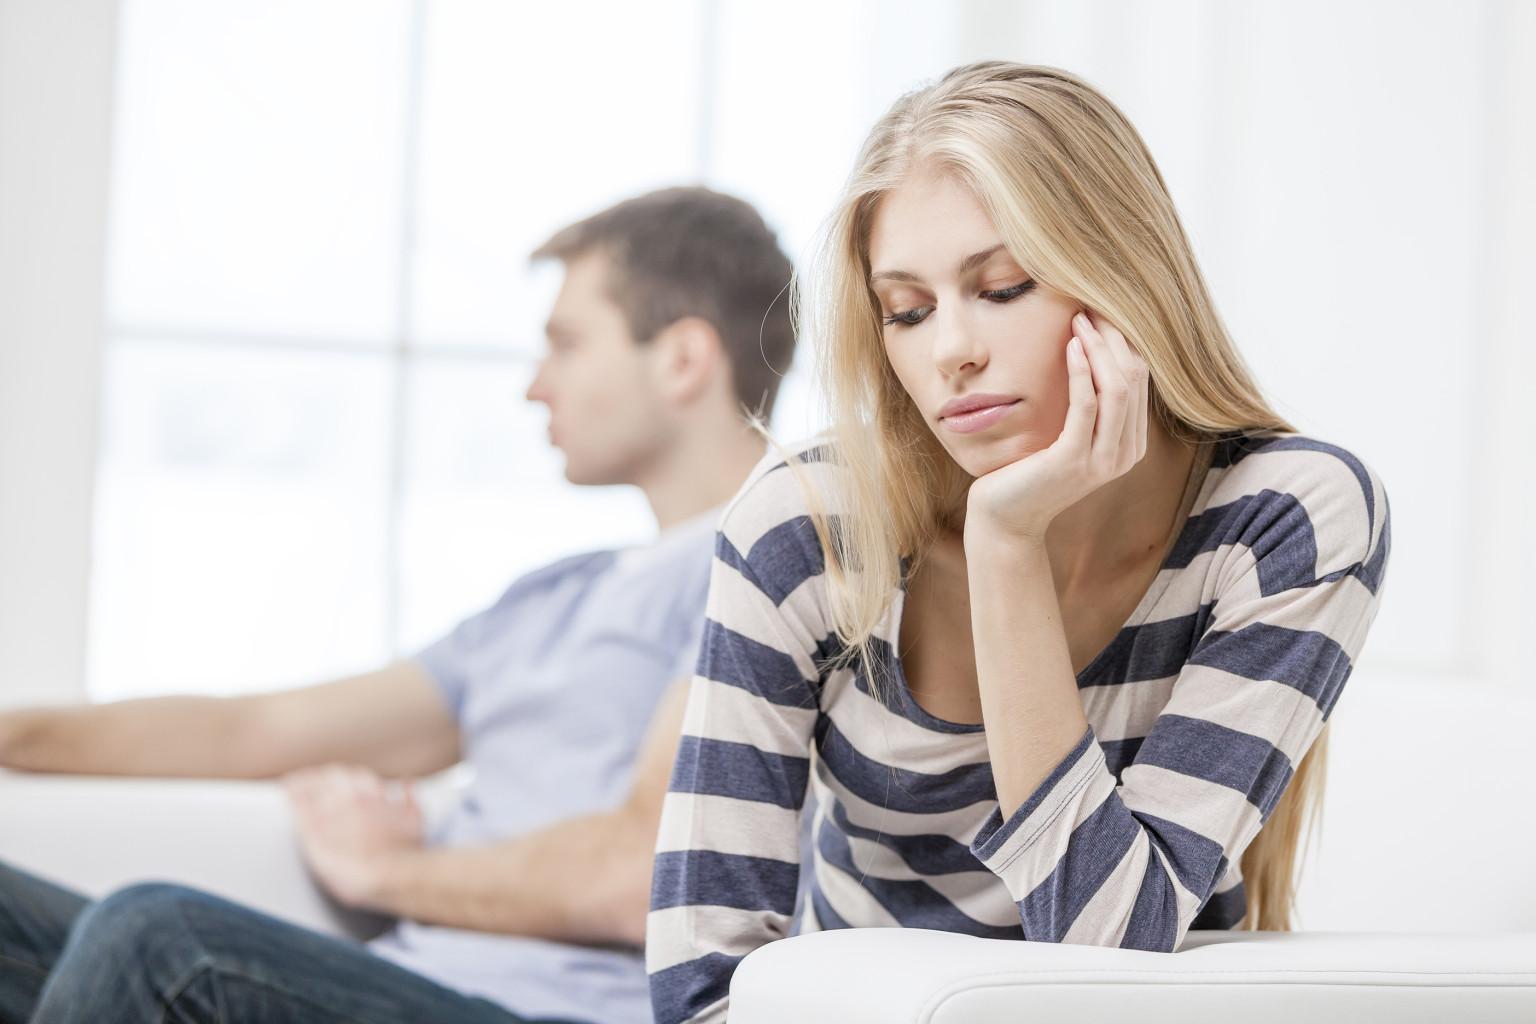 Inilah Cara Agar Hubungan Toxic Bisa Berubah Menjadi Hubungan Yang Sehat, Biar Tidak Selalu Merasa Tertekan 3